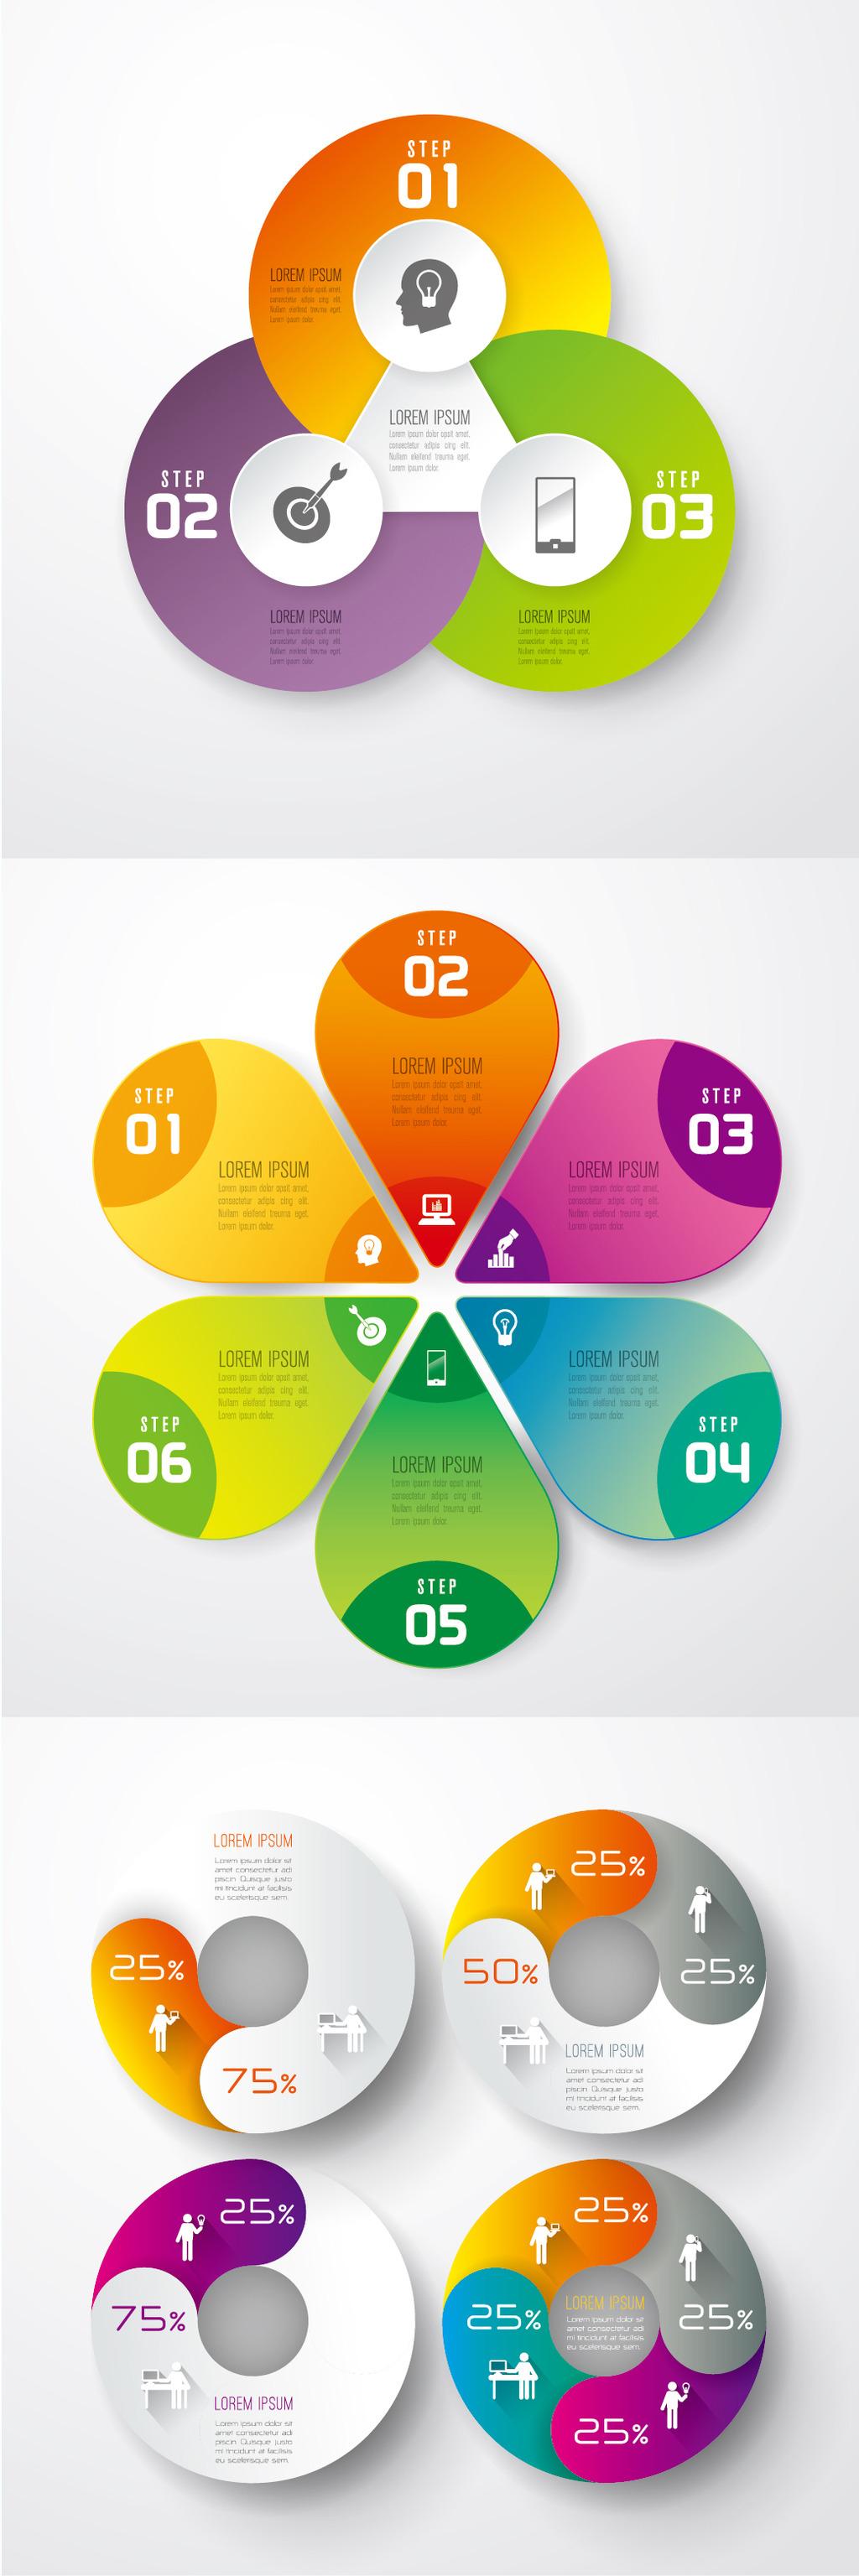 创意炫彩商务数字图表集合图片